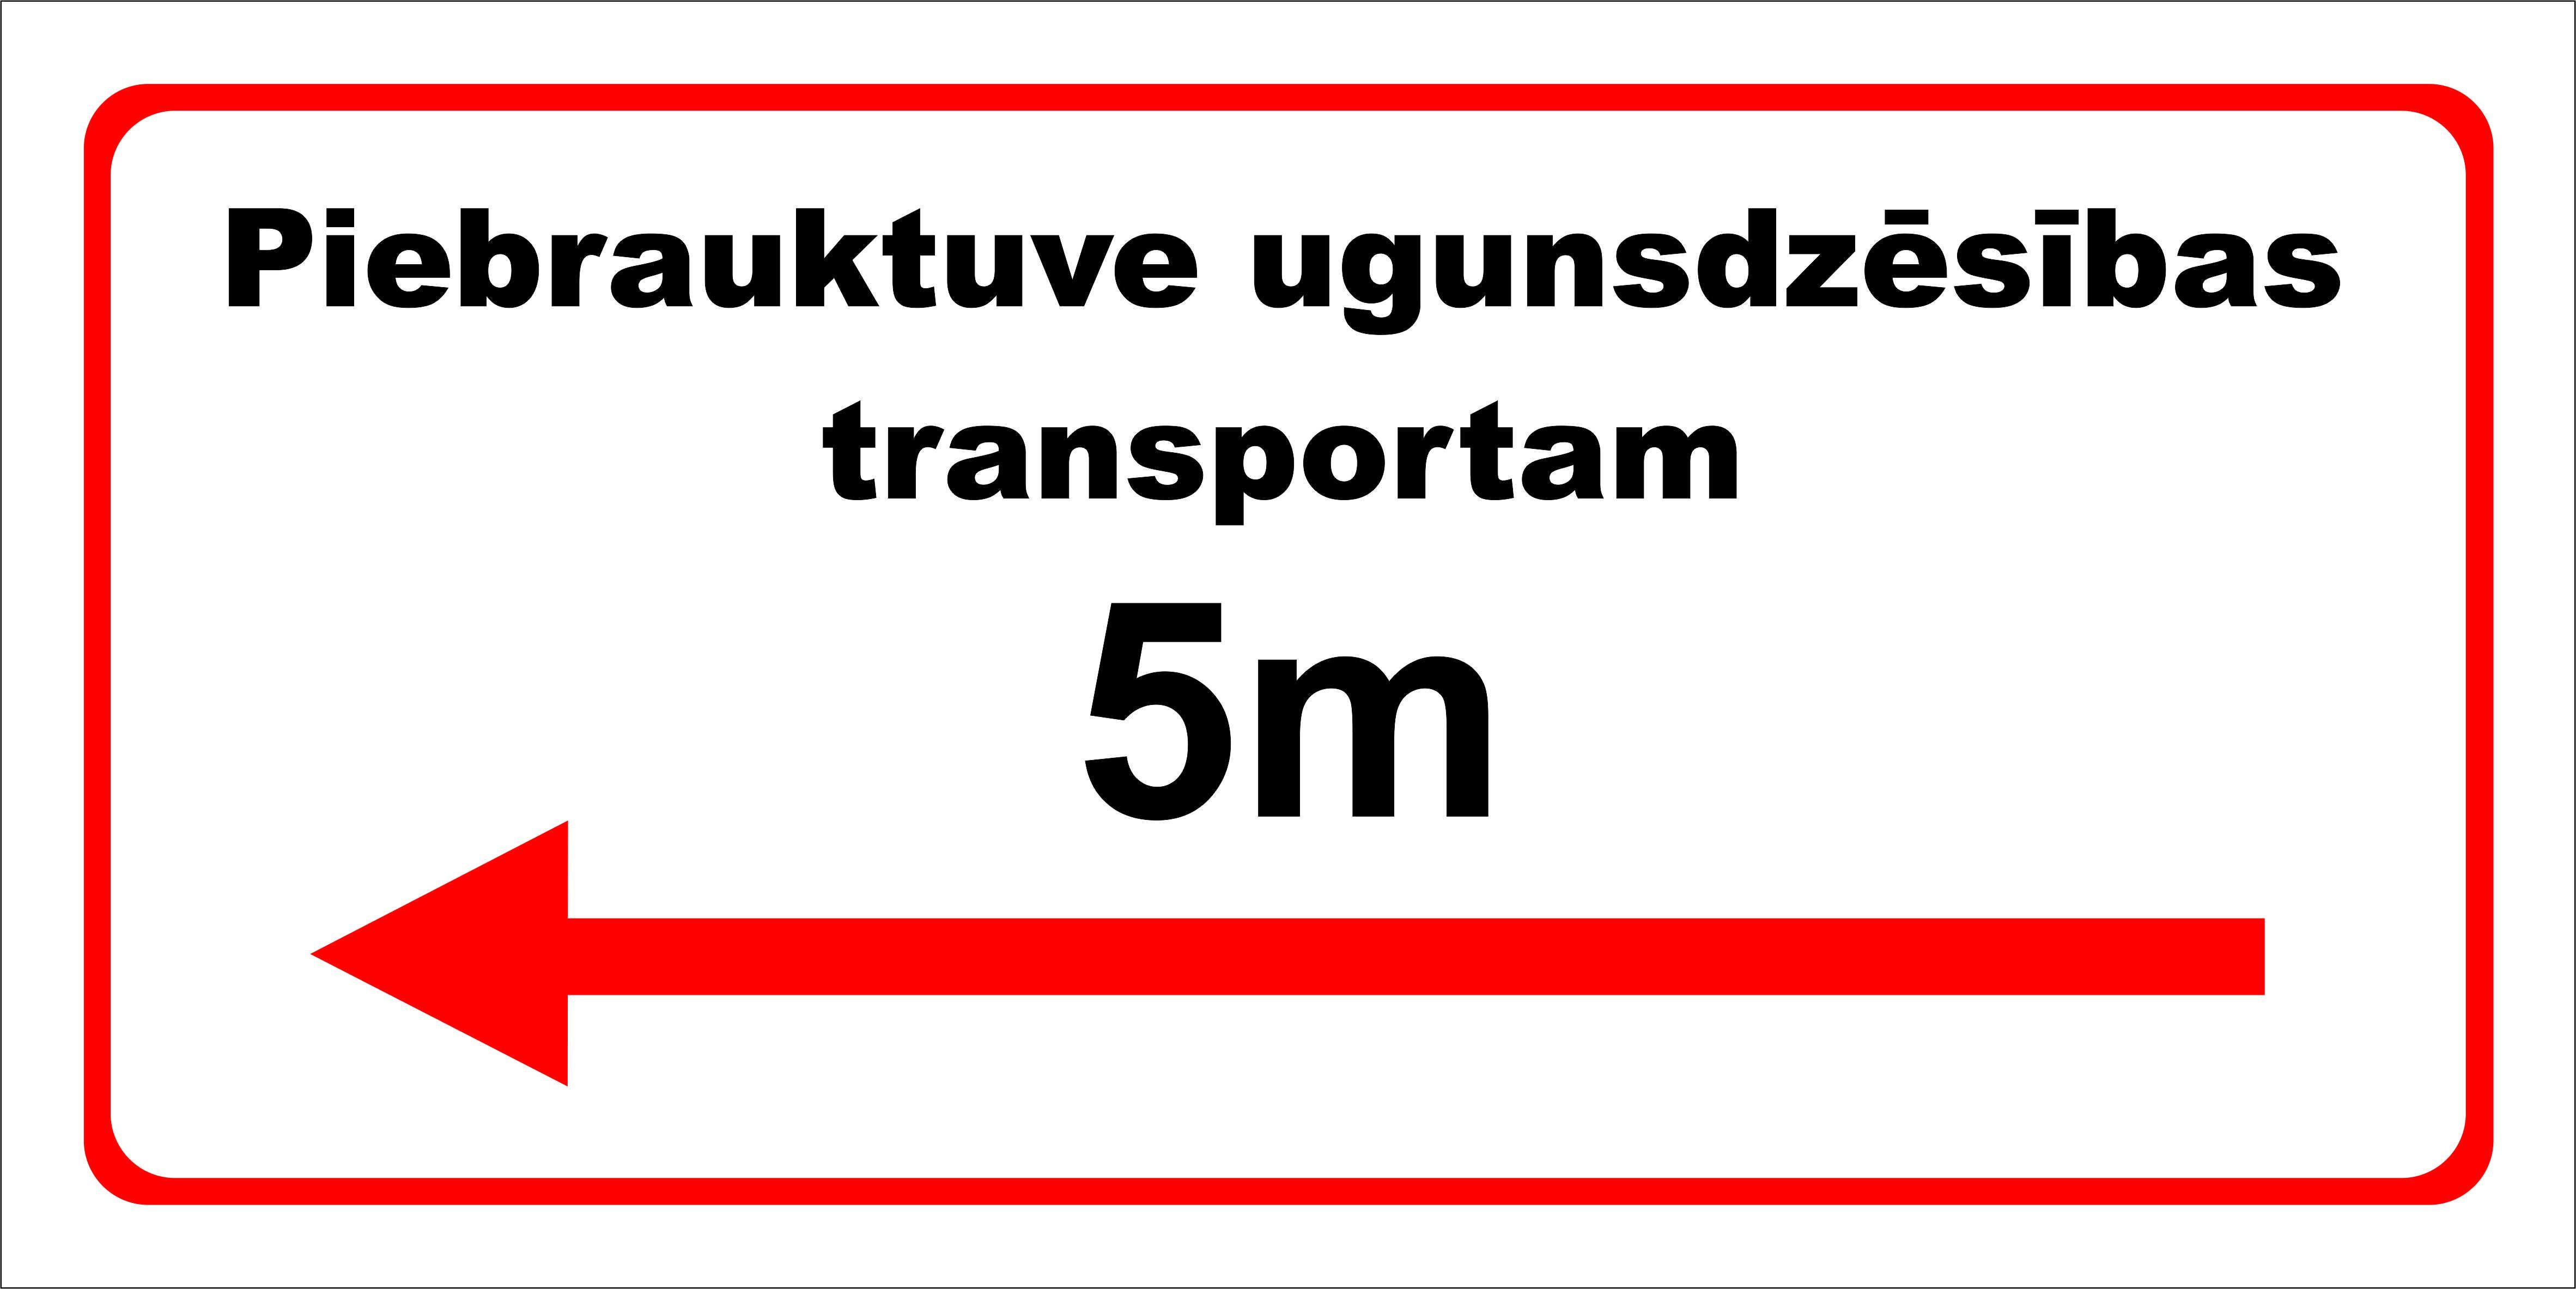 Balta plāksne piebraukt ugunsdzēsības transportam kreisi